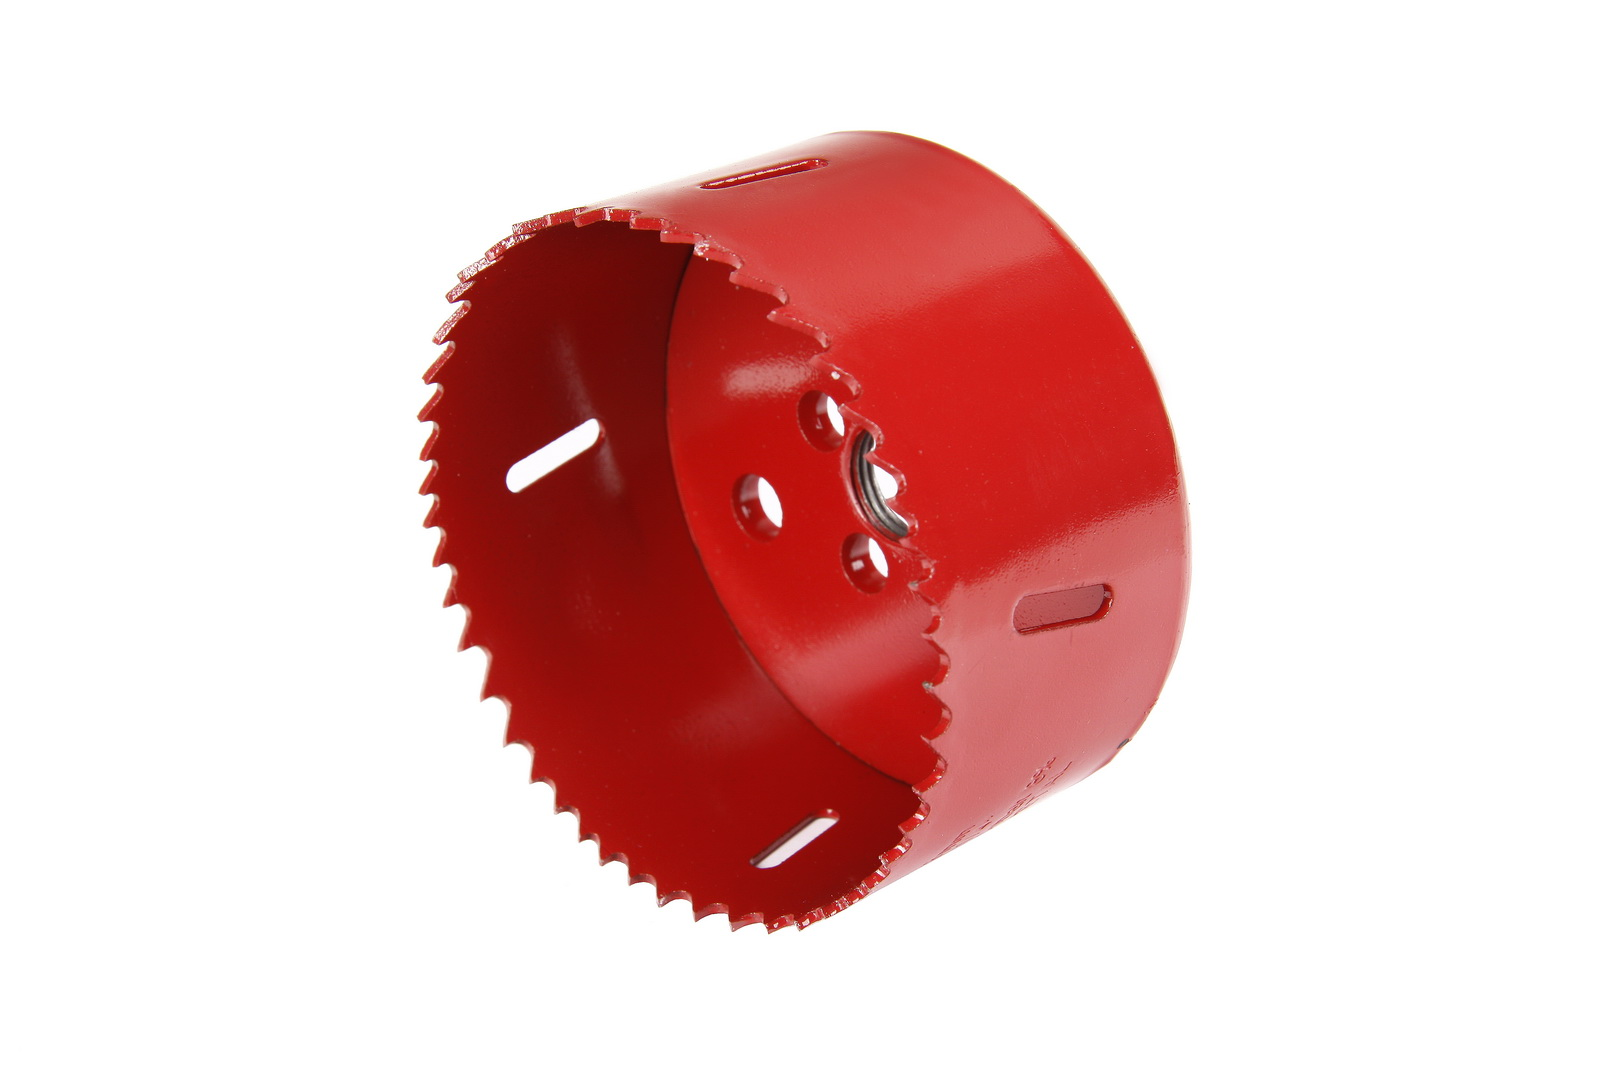 Коронка биметаллическая Hammer 224-015 bimetall 83 мм коронка биметаллическая hammer 224 011 bimetall 57 мм